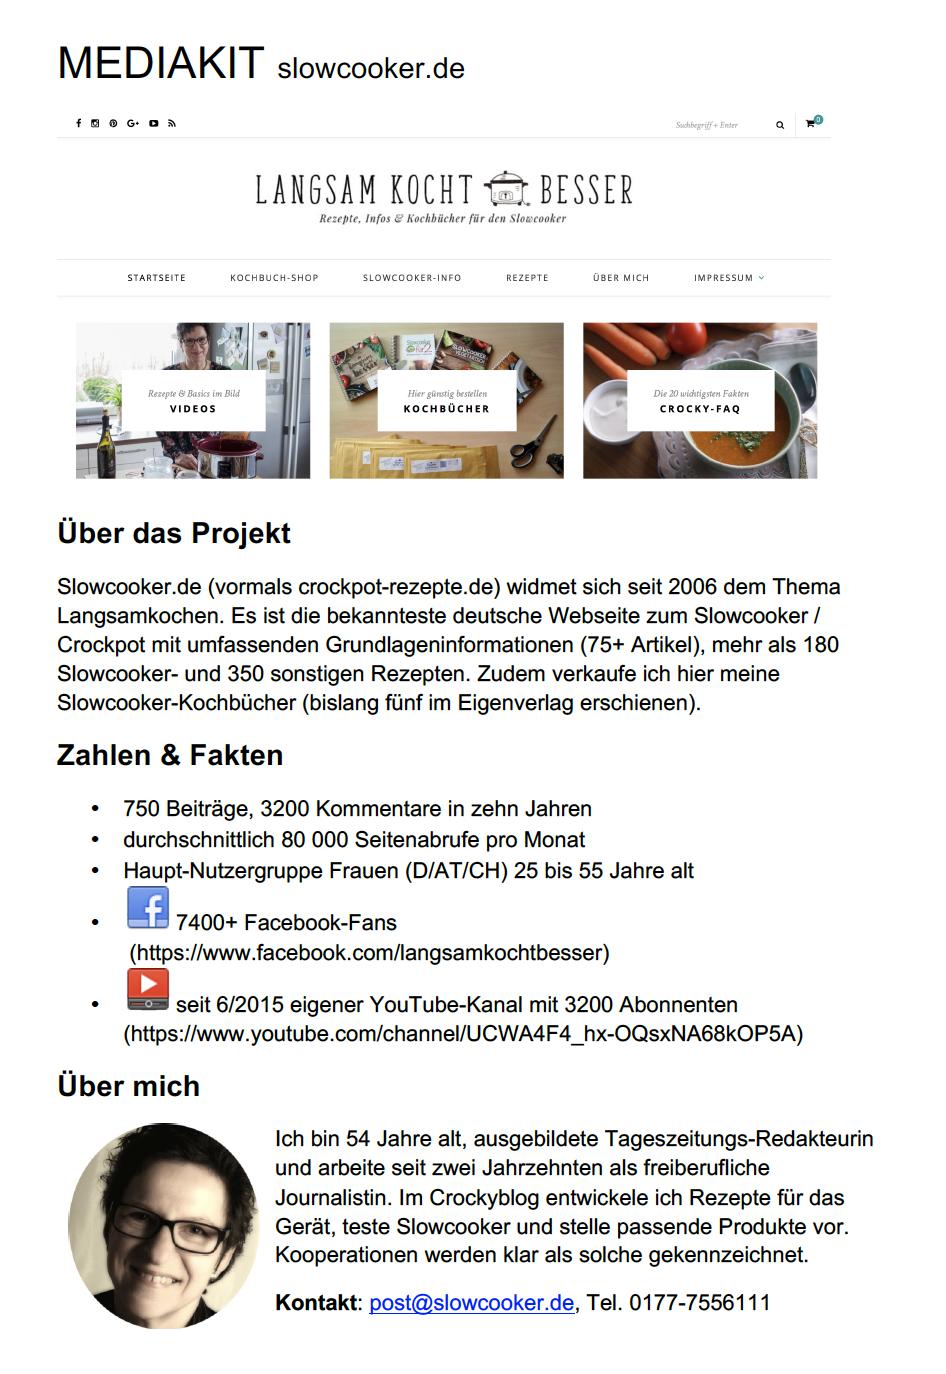 Mediakit Slowcooker.de